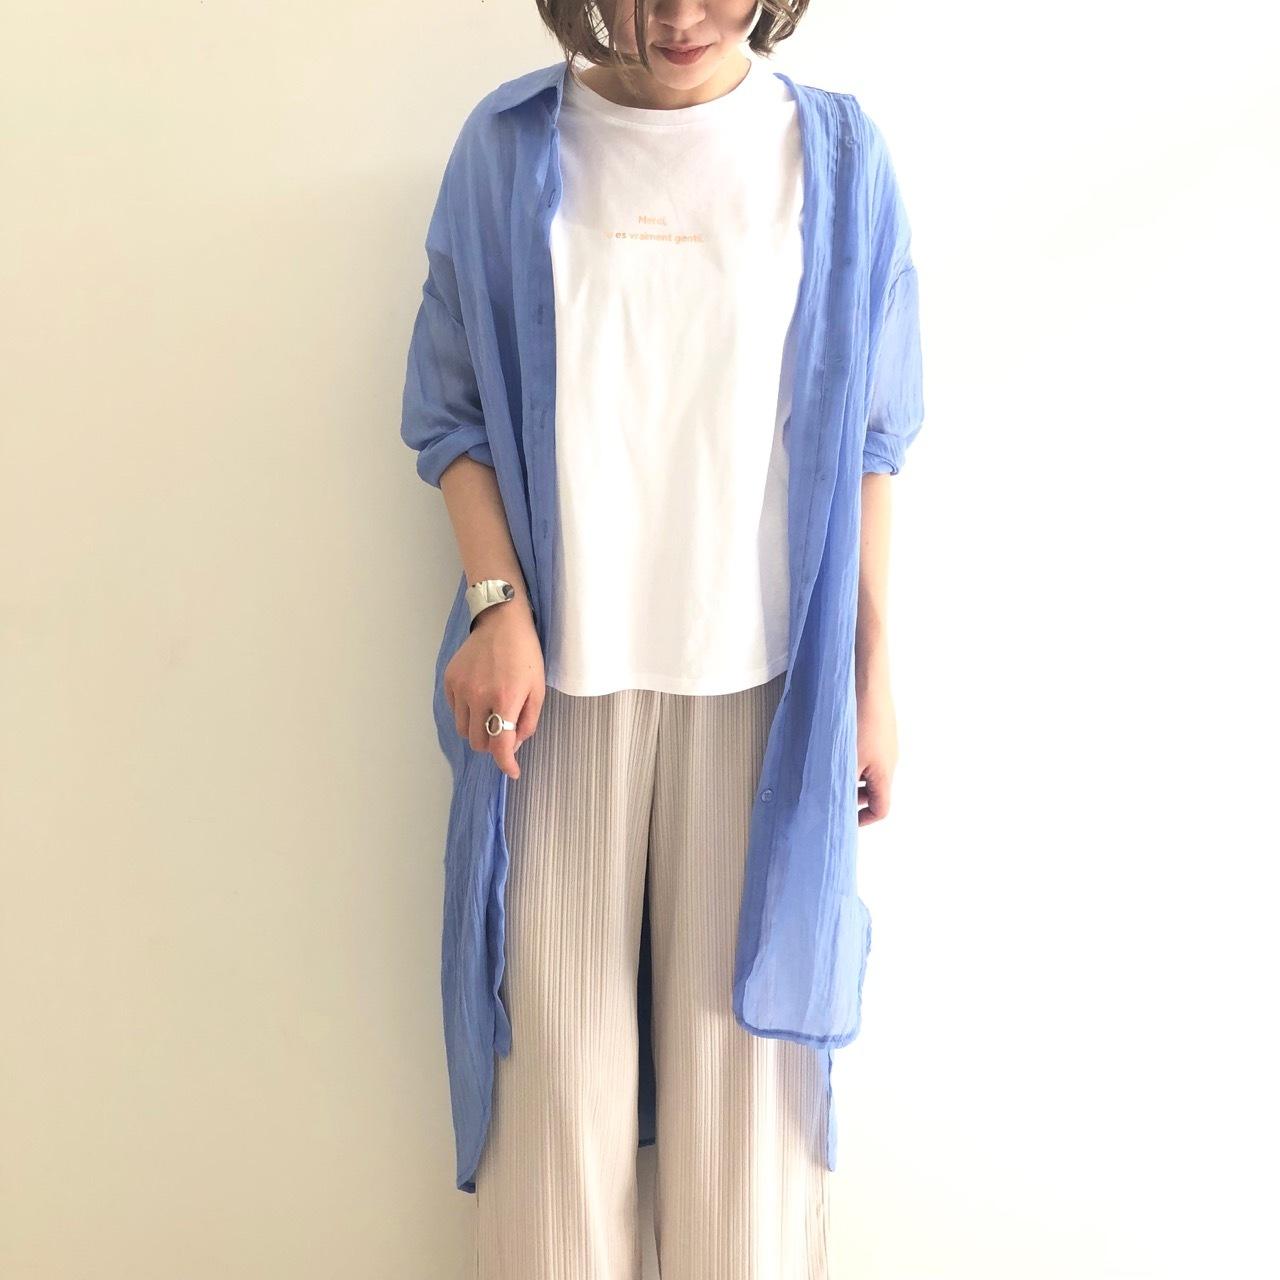 【 ROSIEE 】- 152716 - ロングシャツ